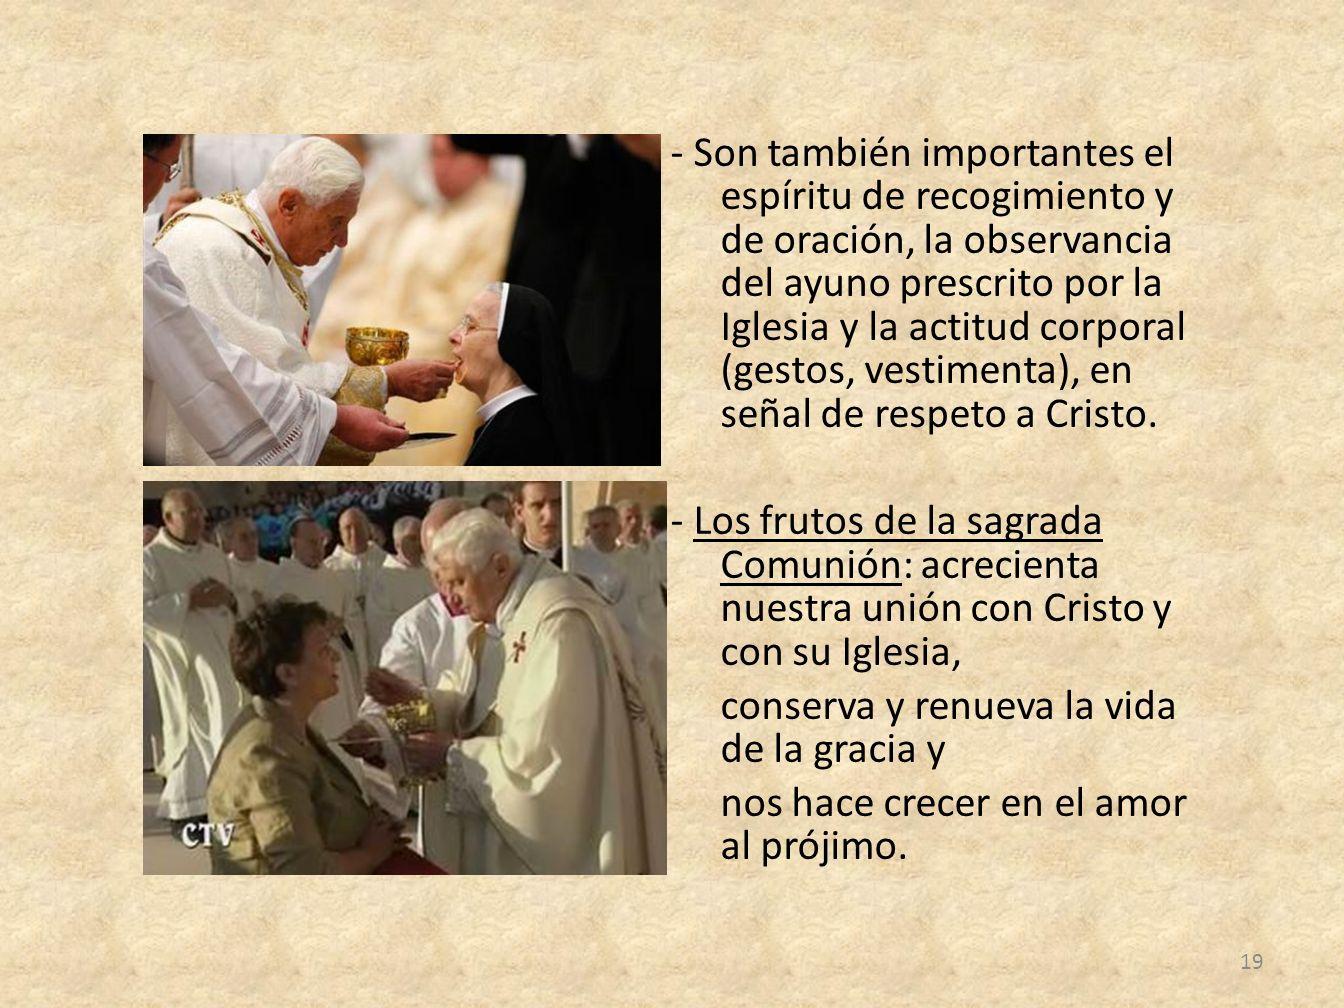 - Son también importantes el espíritu de recogimiento y de oración, la observancia del ayuno prescrito por la Iglesia y la actitud corporal (gestos, v